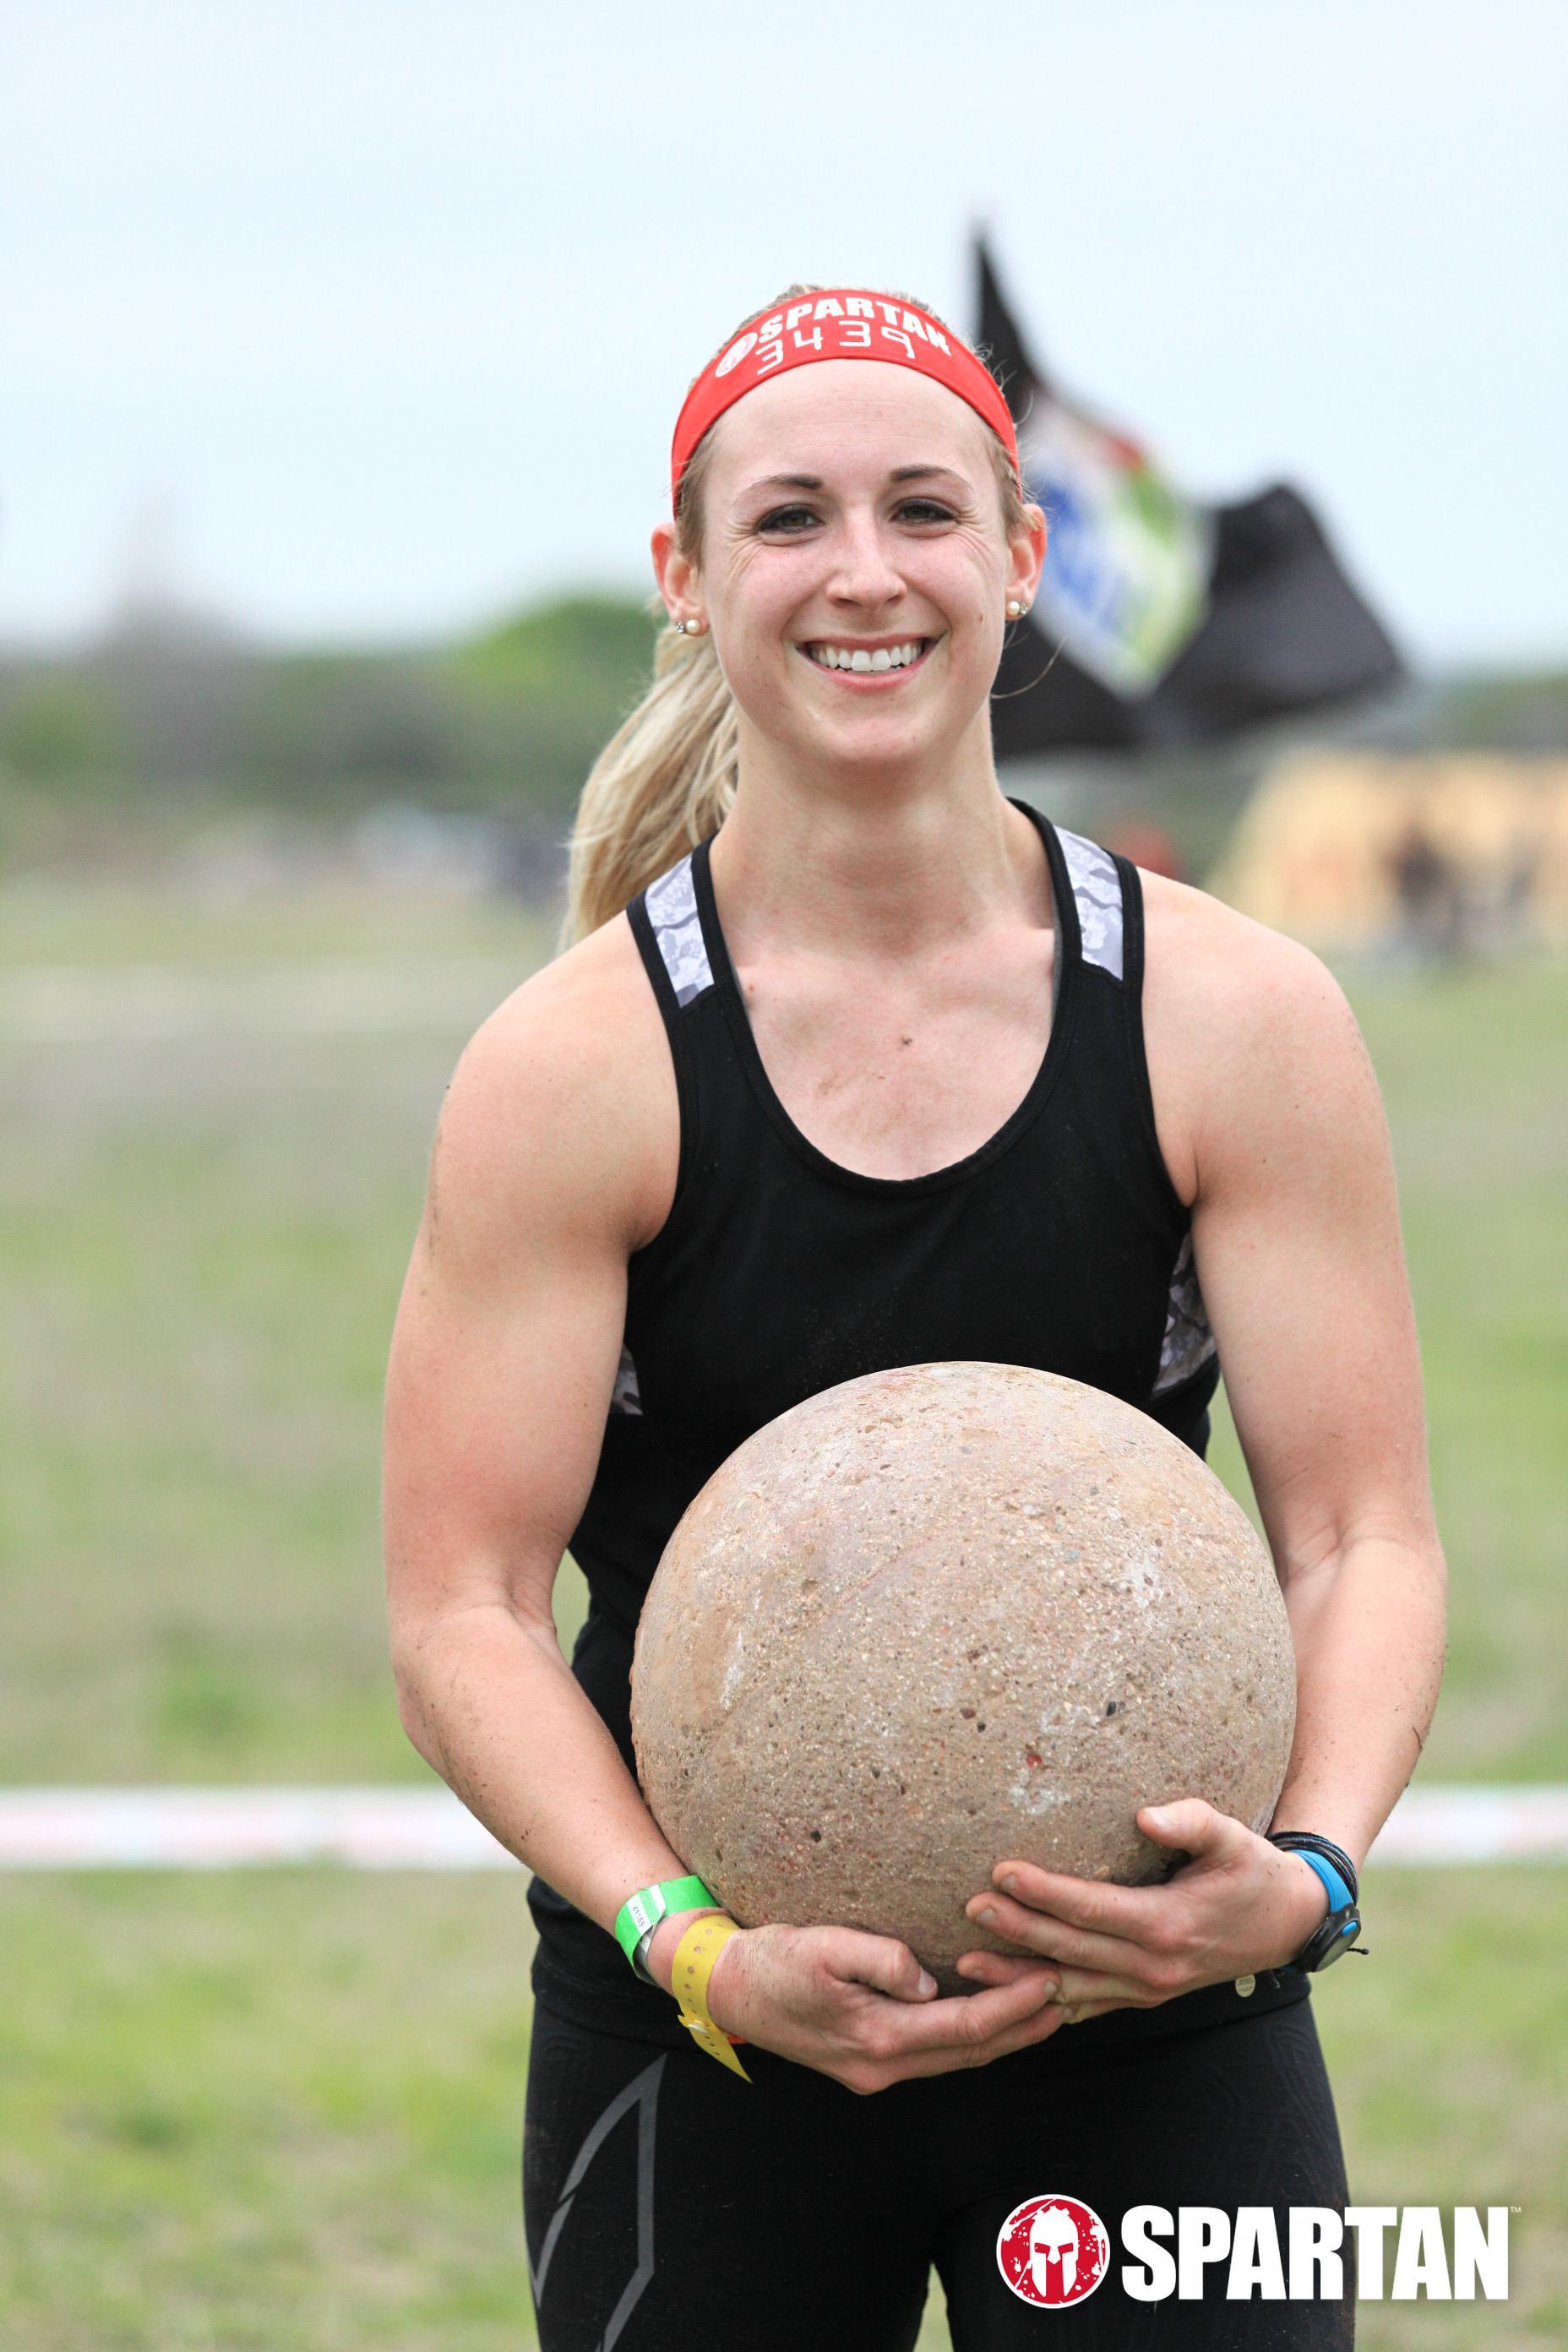 Kayla Sullivan